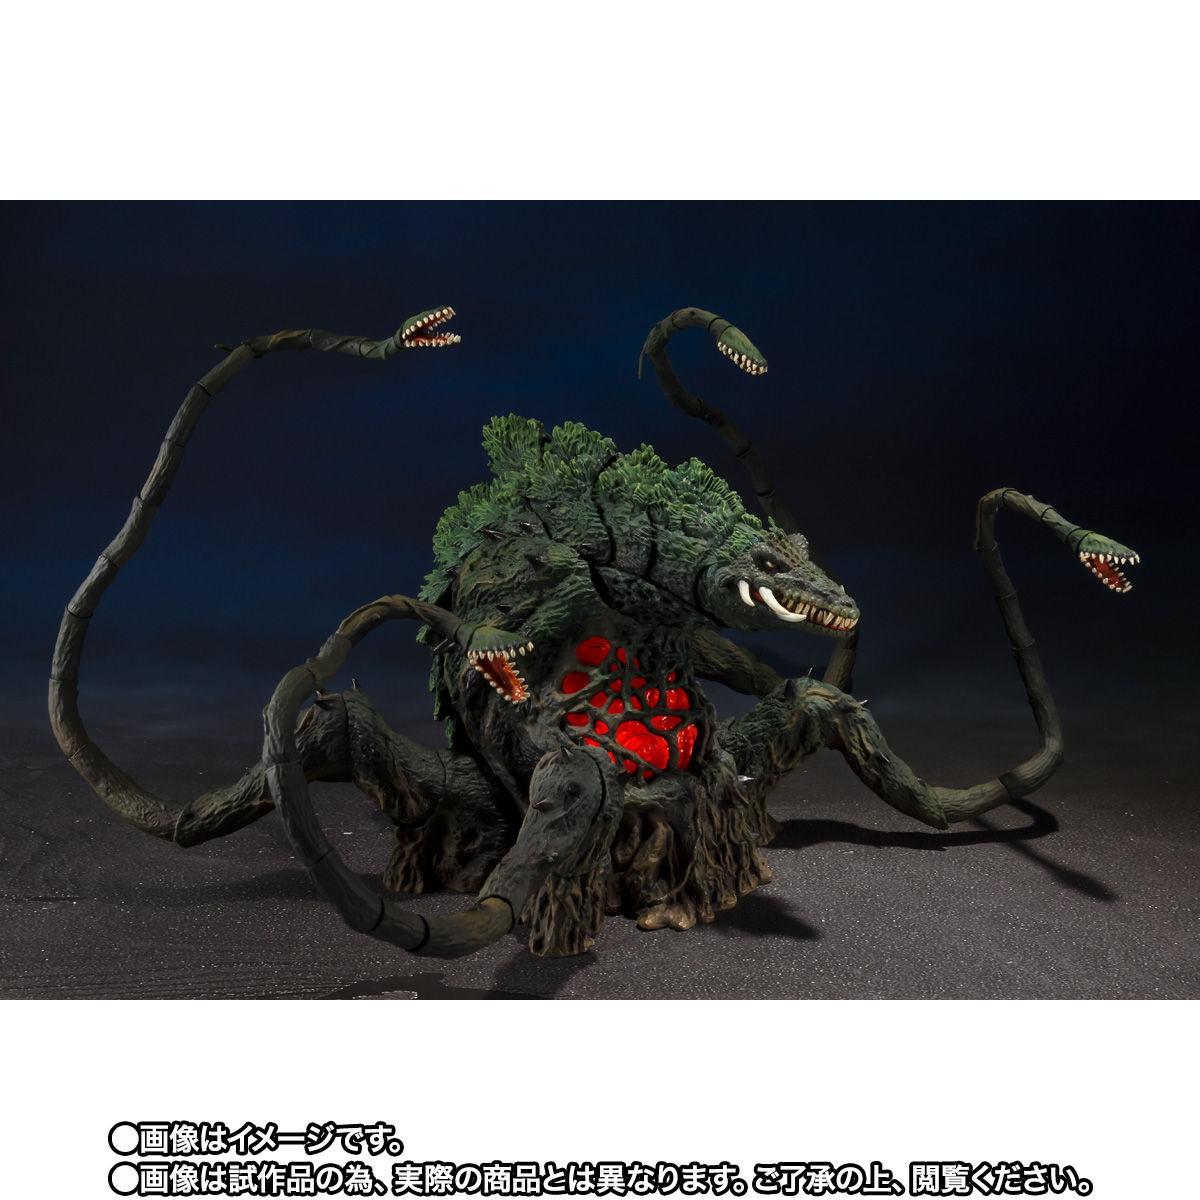 【限定販売】S.H.MonsterArts『ビオランテ Special Color Ver.』ゴジラvsビオランテ 可動フィギュア-006